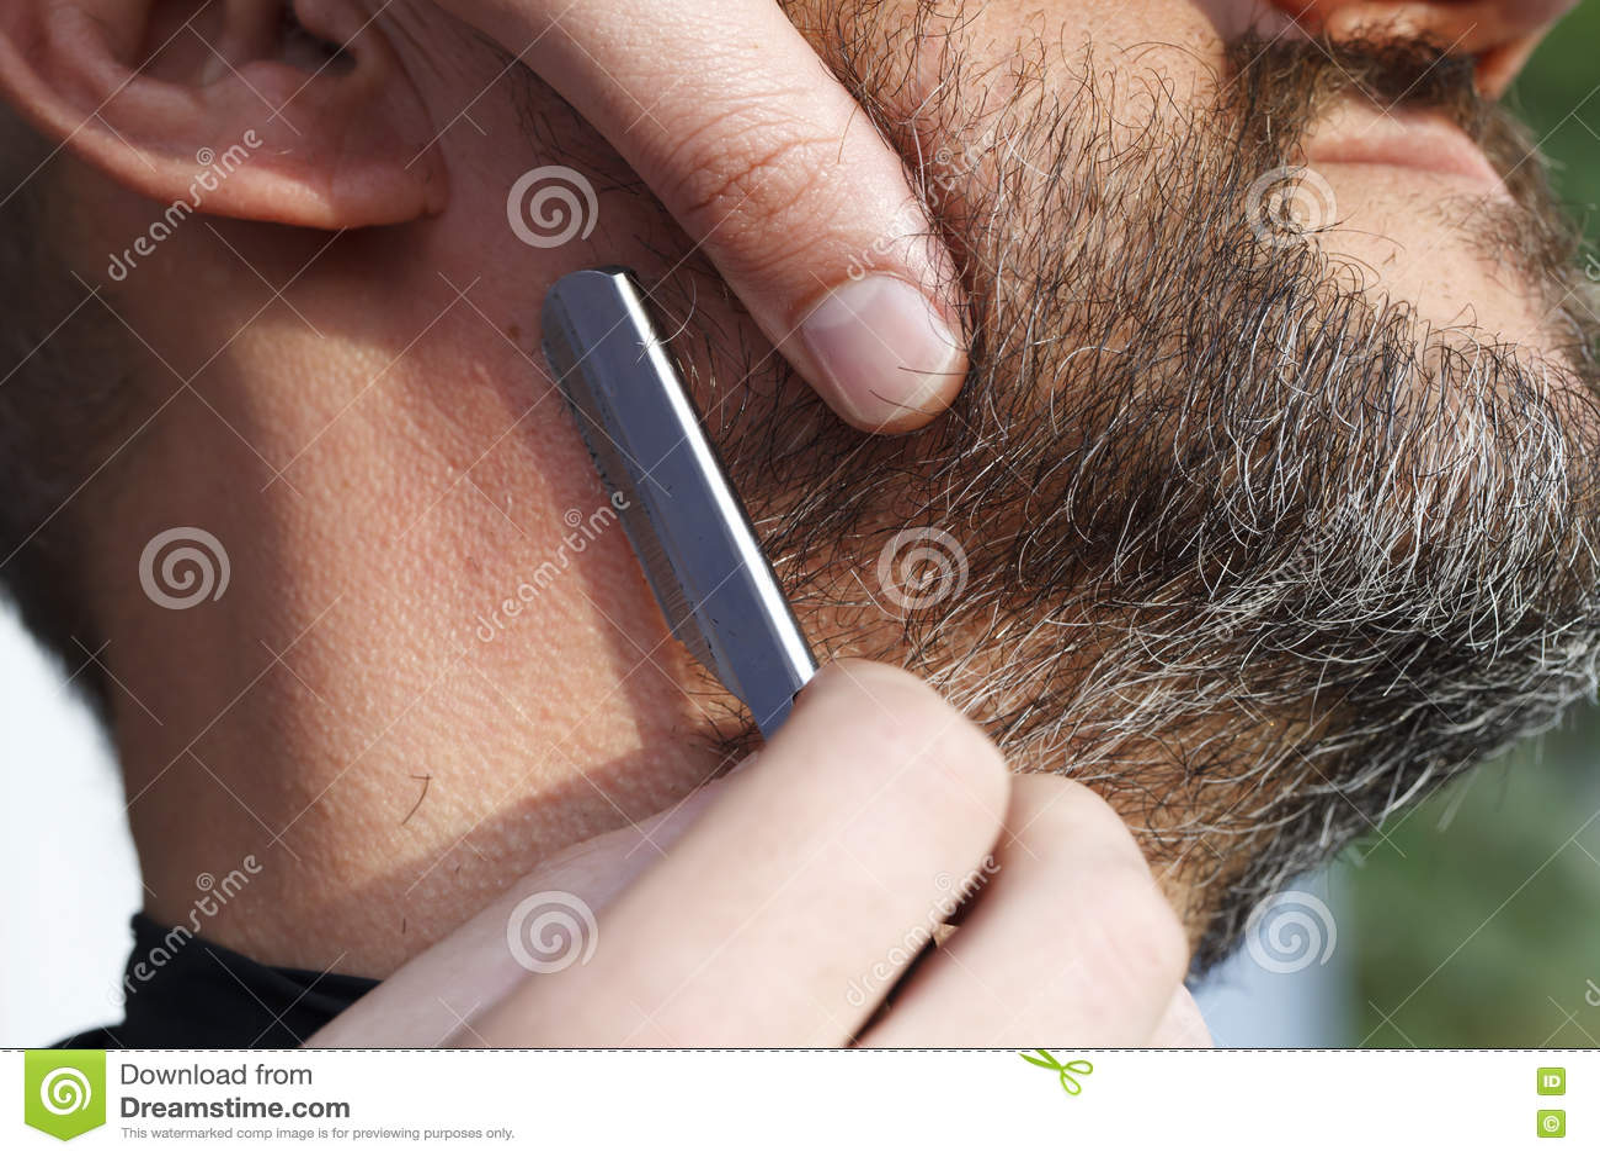 Download 主要理发师剪胡子人 库存照片. 图片 包括有 brusher, 英俊, 客户, 剪刀, 剃刀, 理发, 成人 - 61725082